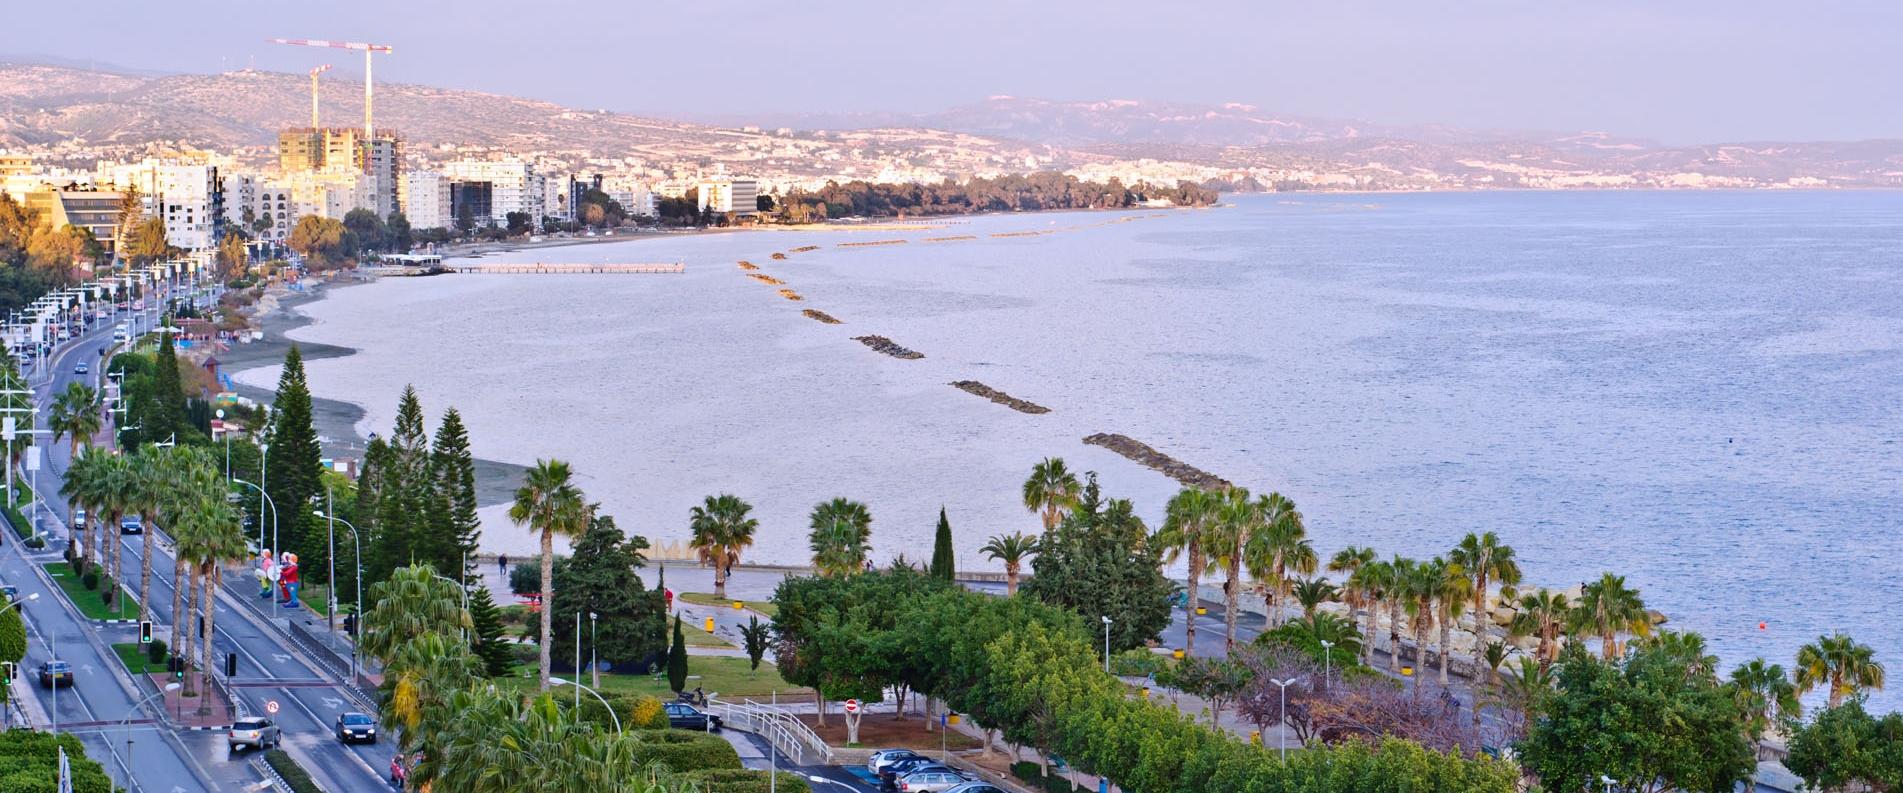 Жизнь на Кипре в городе vs в деревне